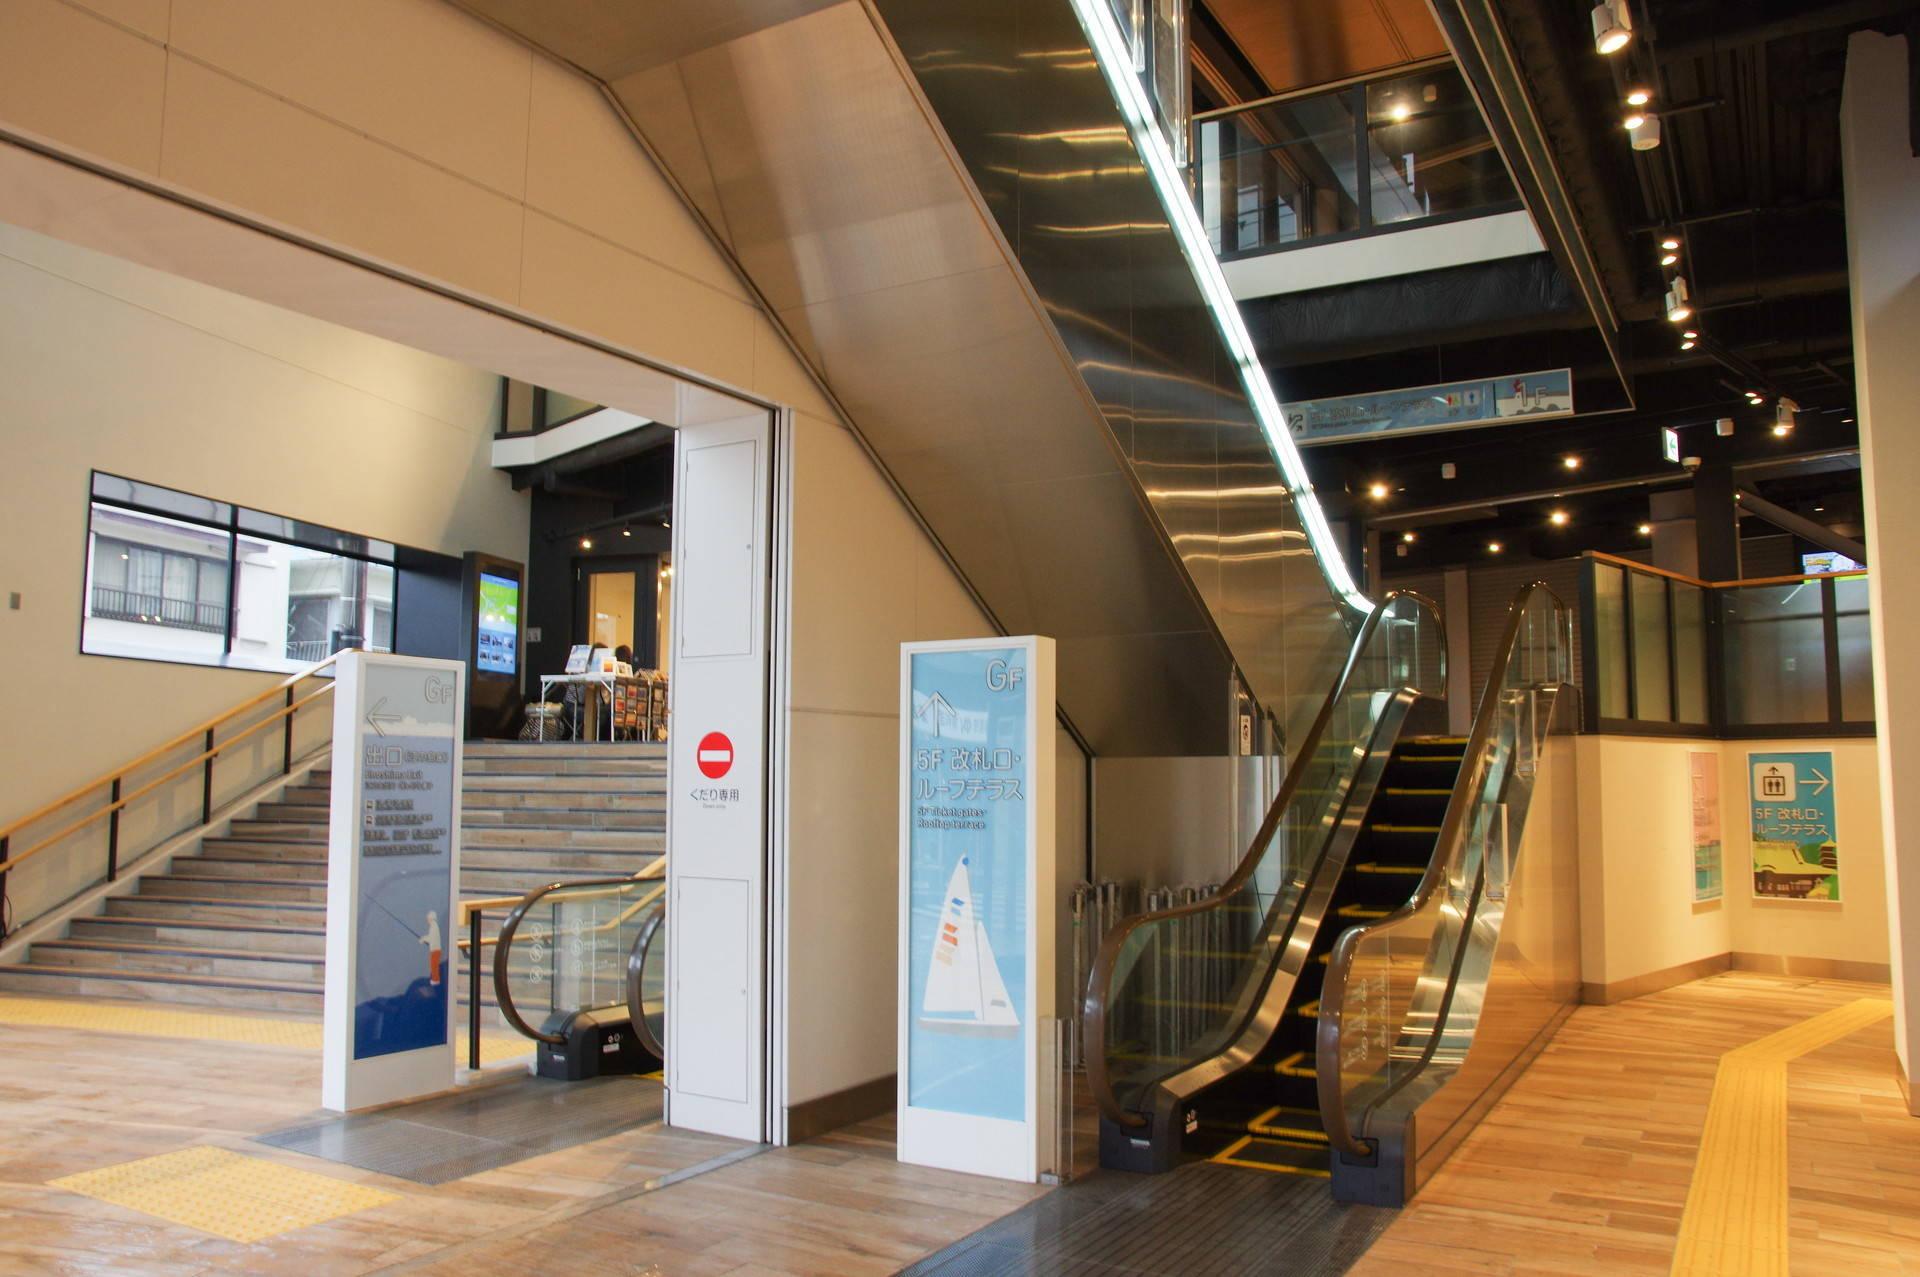 G階~1階のエスカレーターとエレベーター通路